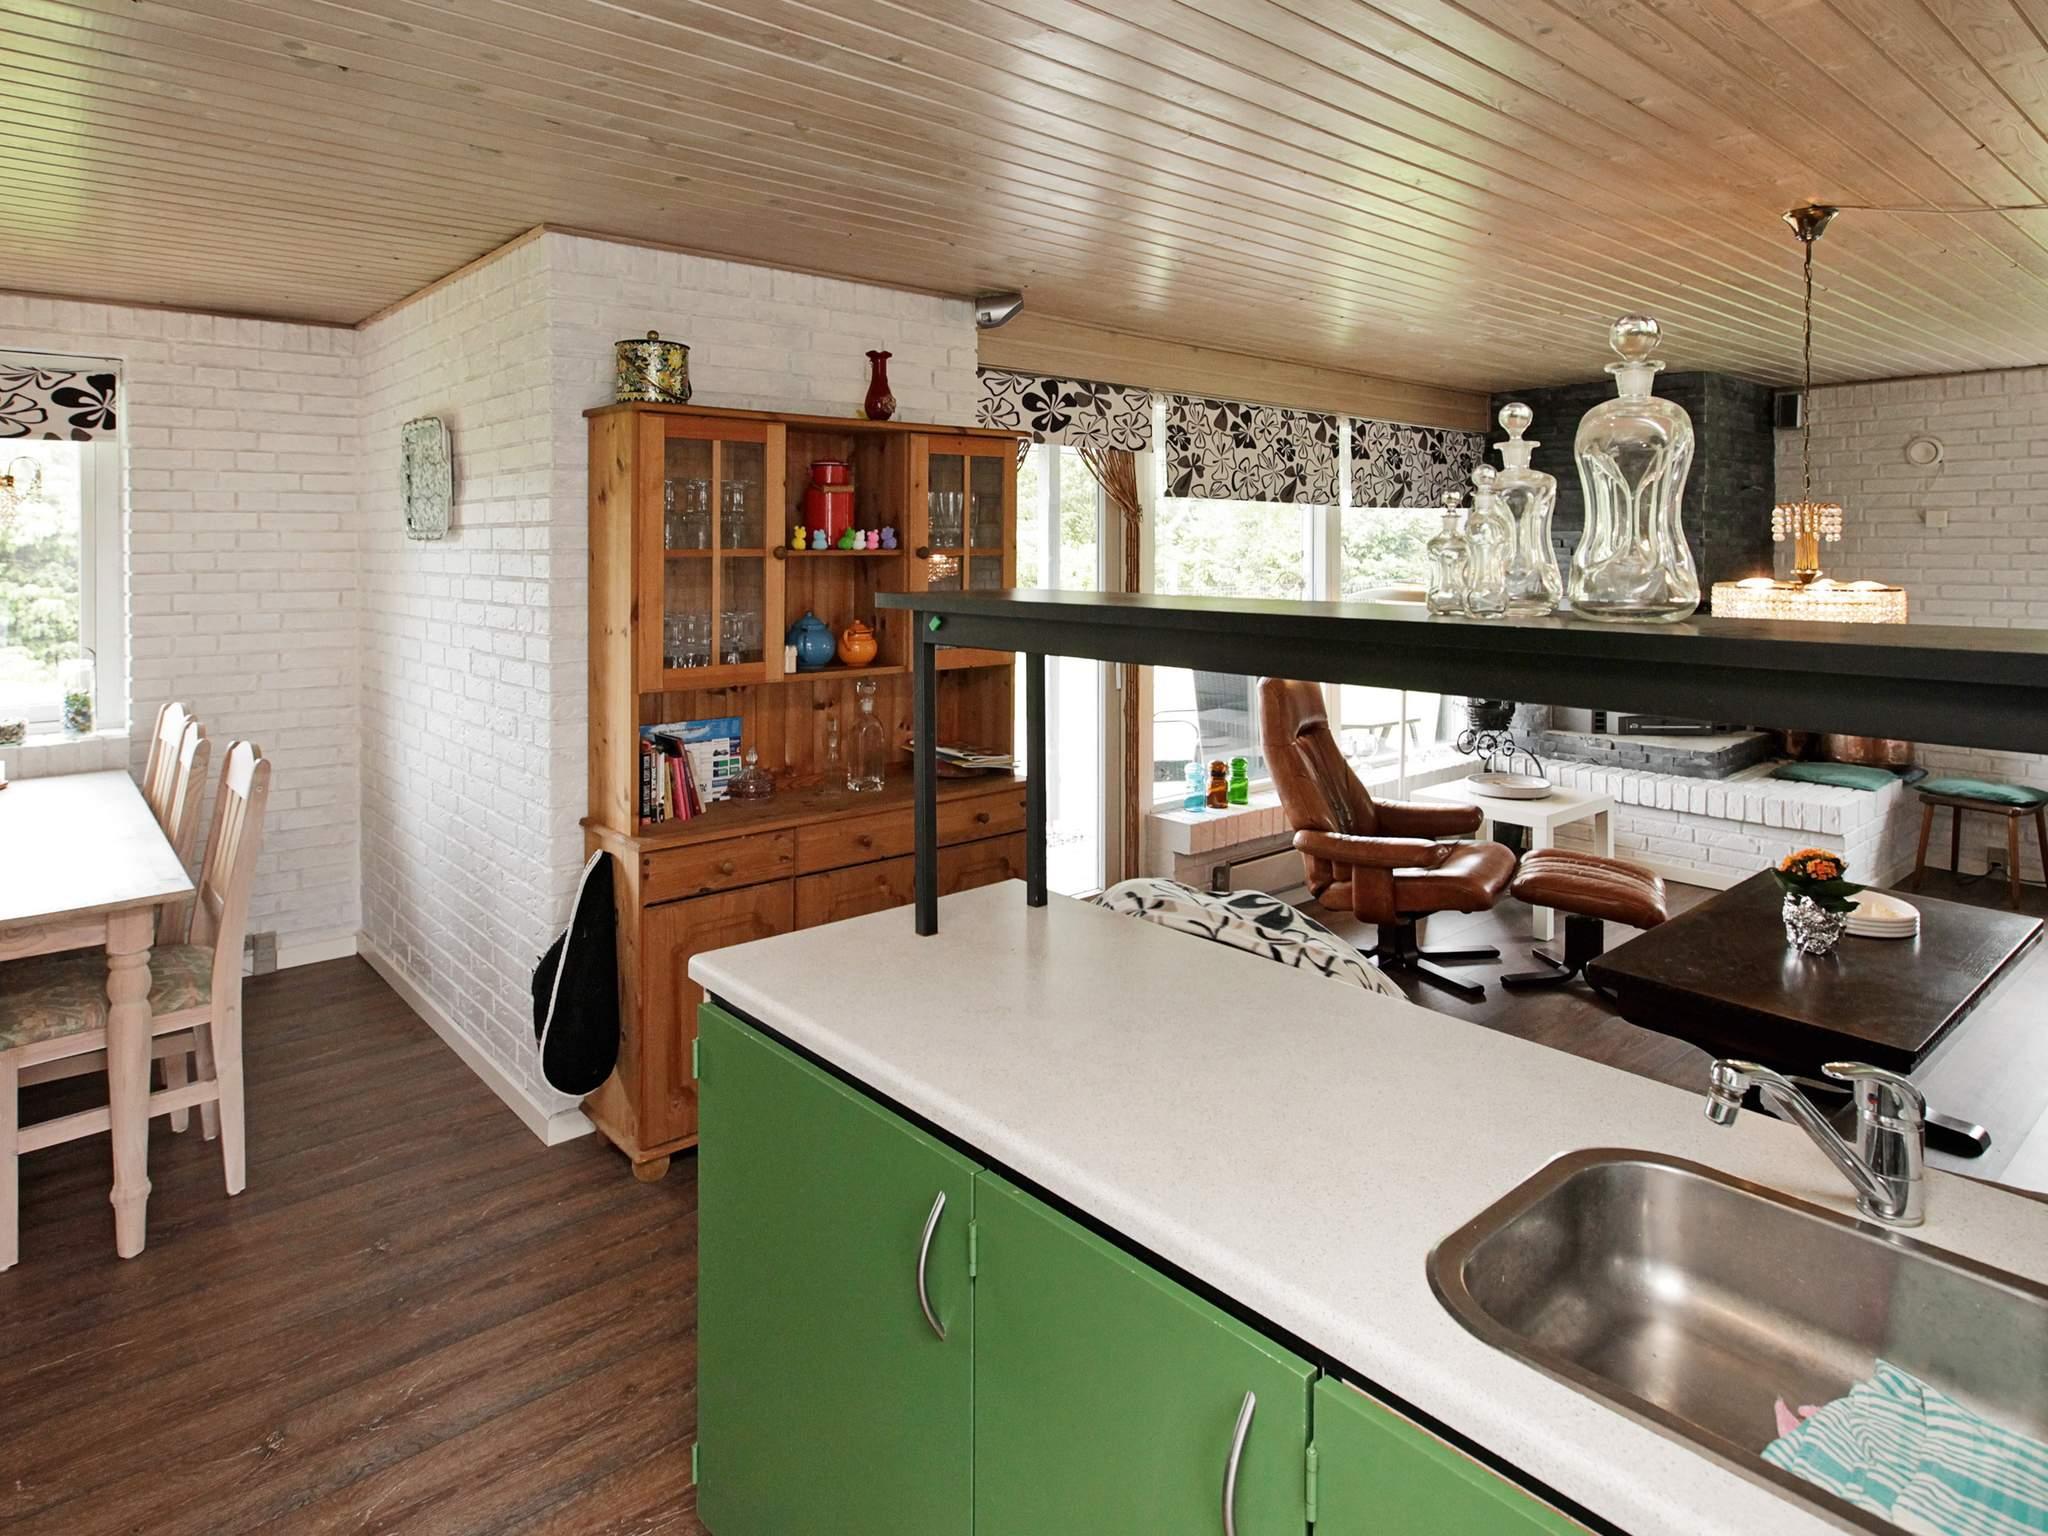 Ferienhaus Hals/Koldkær (359577), Hals, , Nordostjütland, Dänemark, Bild 8